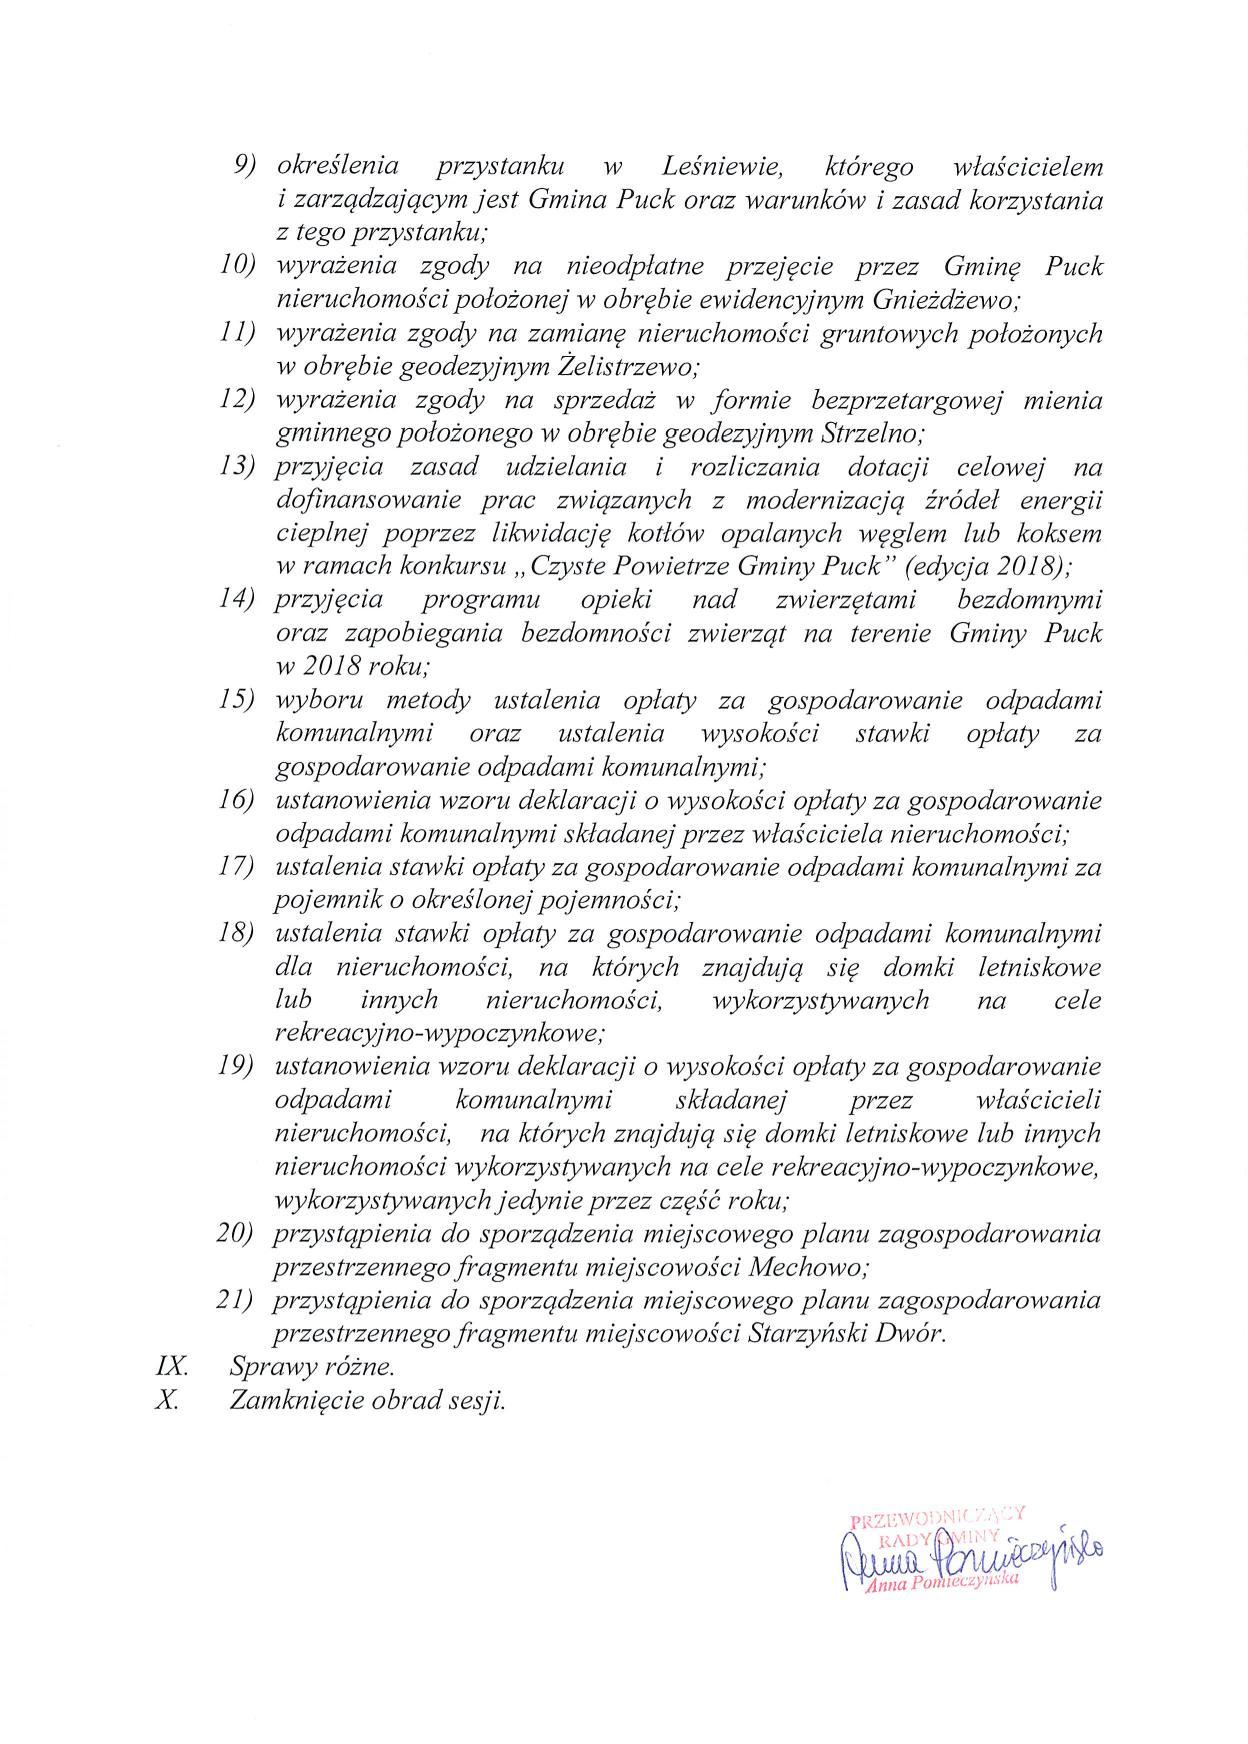 Proponowany porządek obrad XLIX sesji Rady Gminy Puck - dnia 01 marca 2018 roku_02